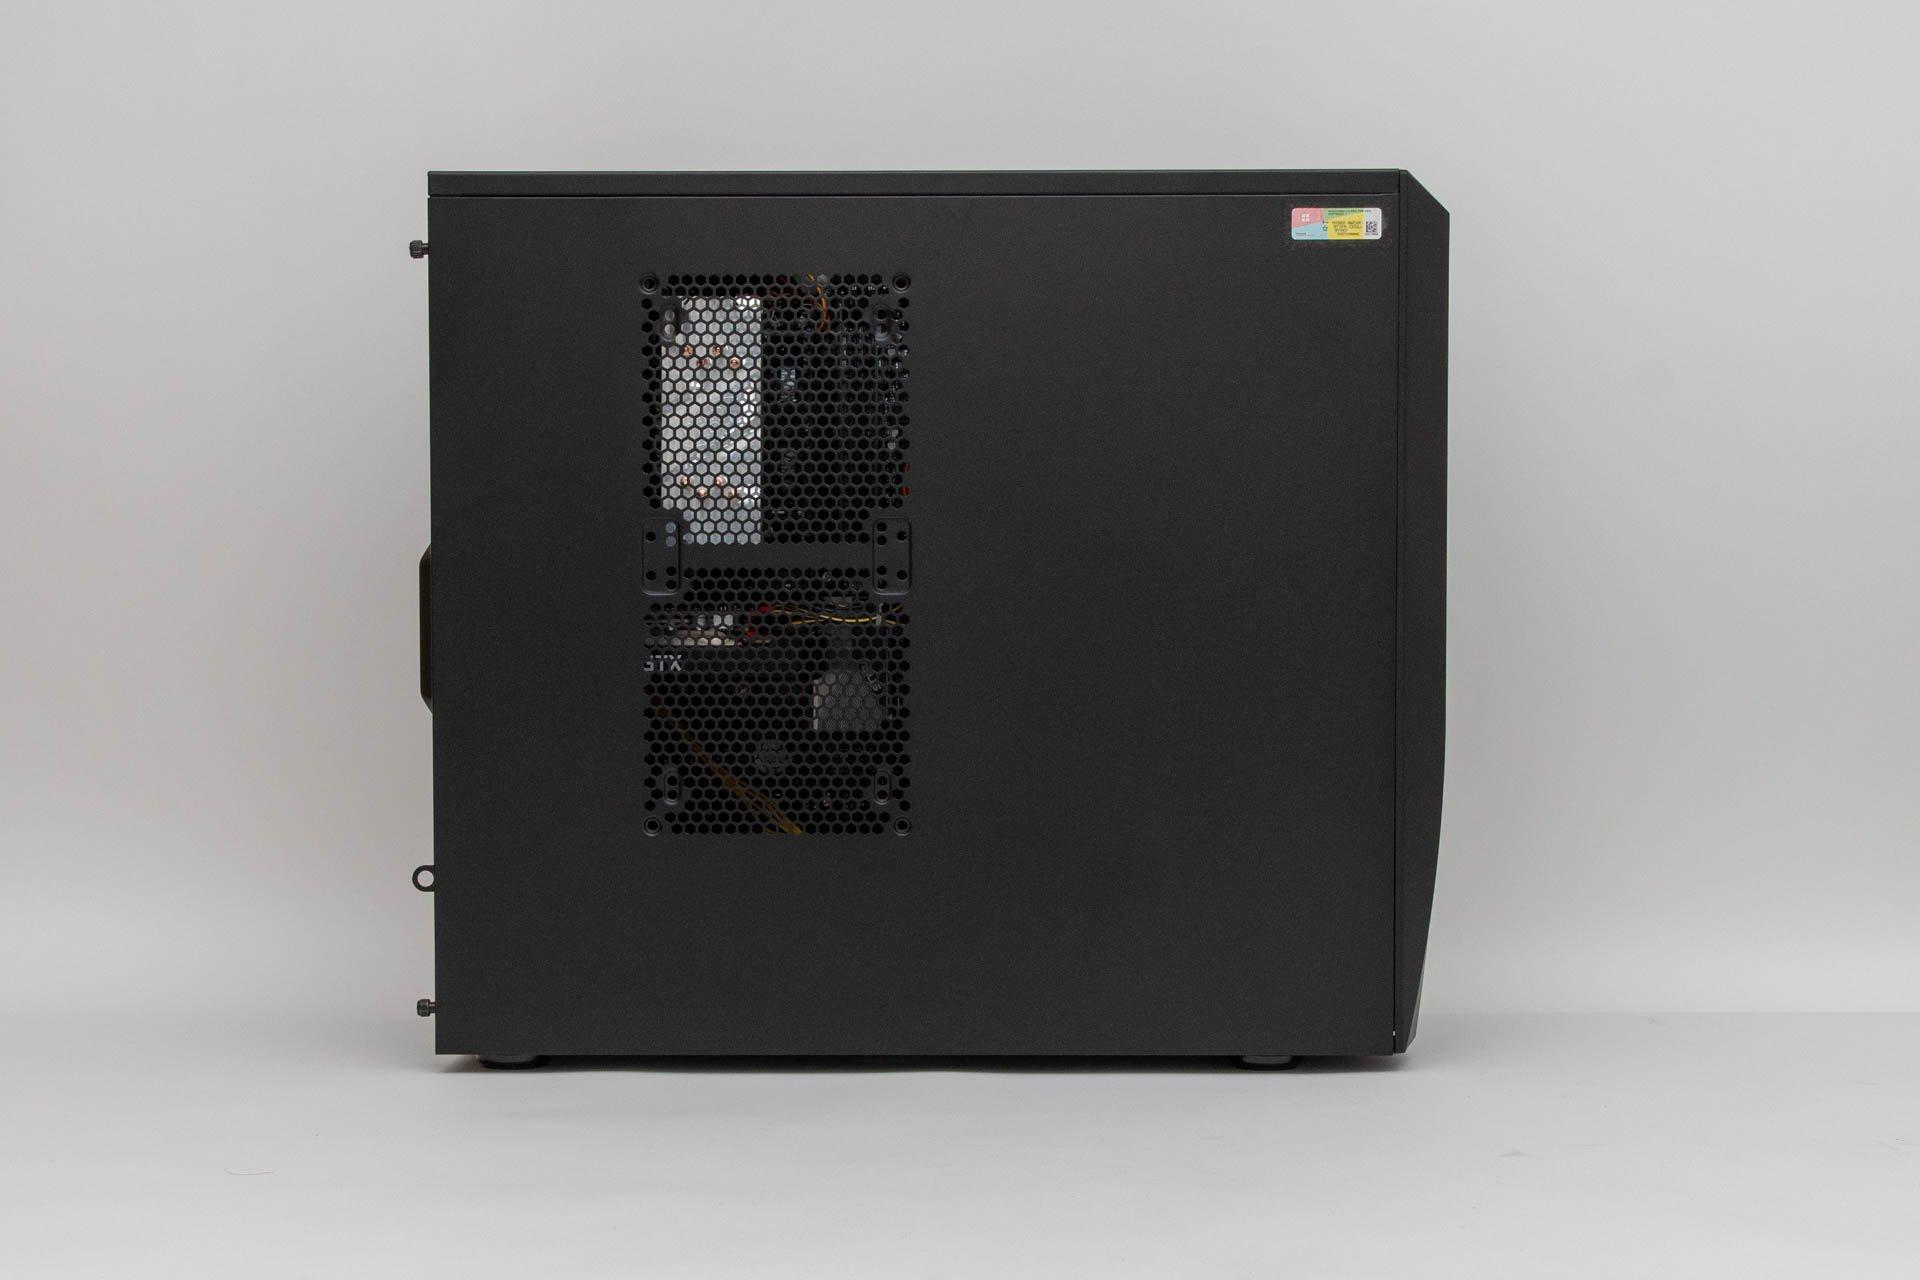 吸気・排熱能力を強化するため、サイドパネルはメッシュ加工が施されている